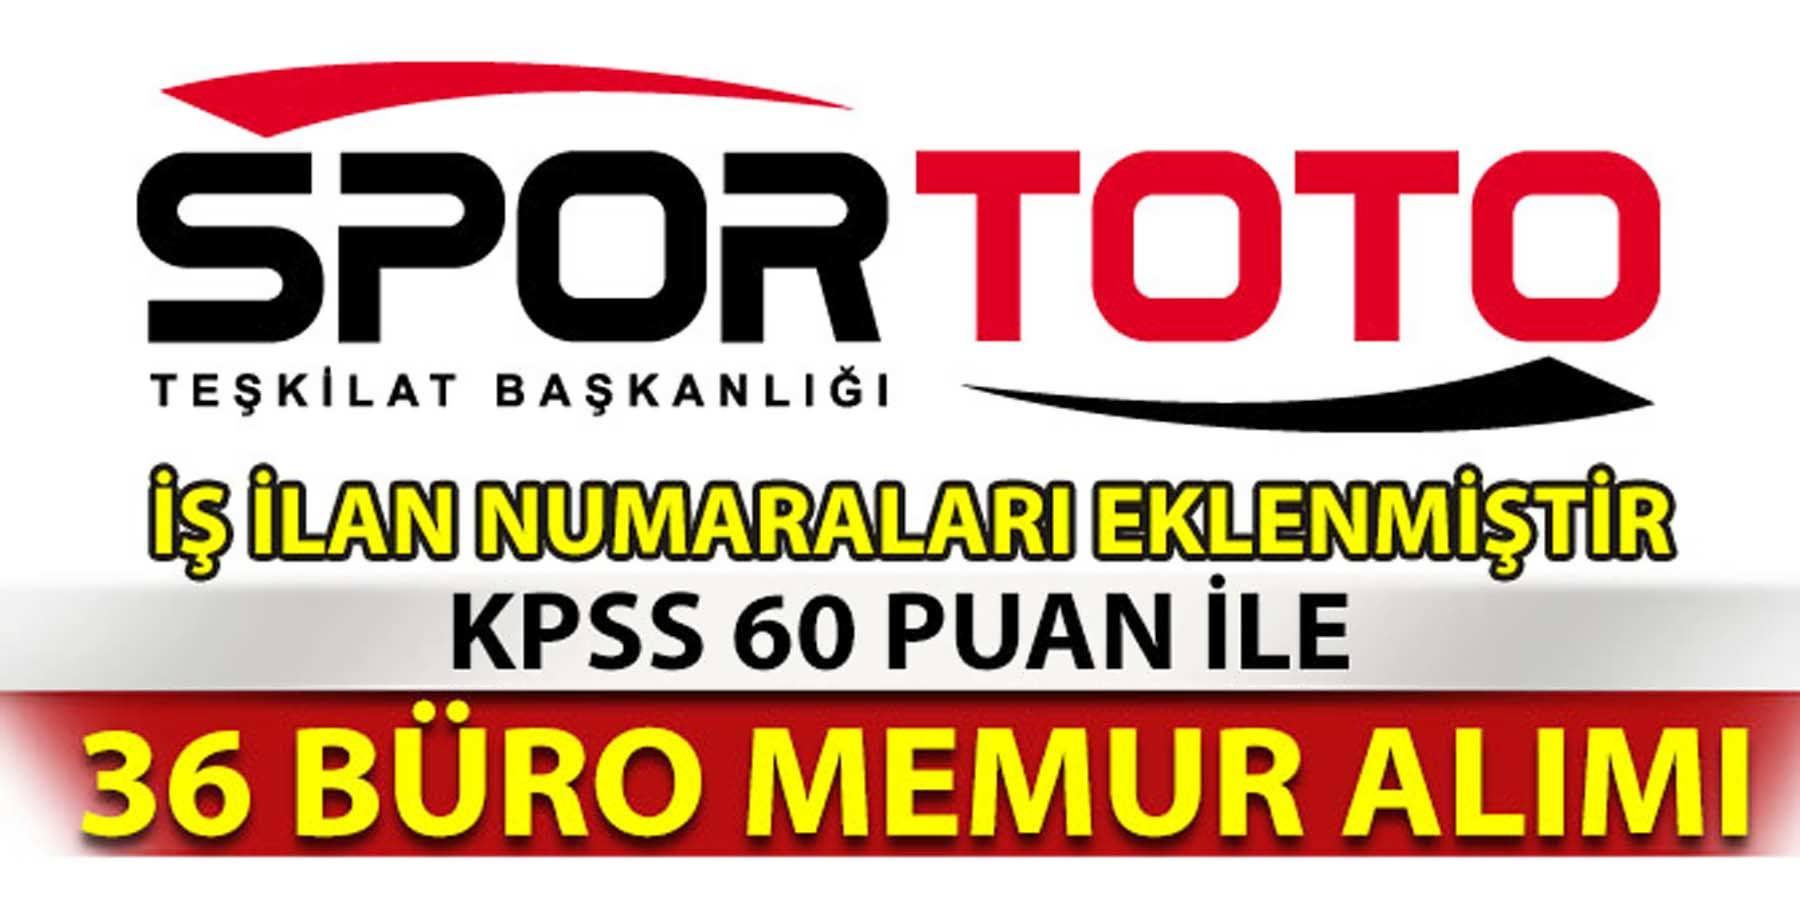 Spor Toto Teşkilatı KPSS 60 Puanla 36 Büro Memur (Kamu Personeli) Alımı